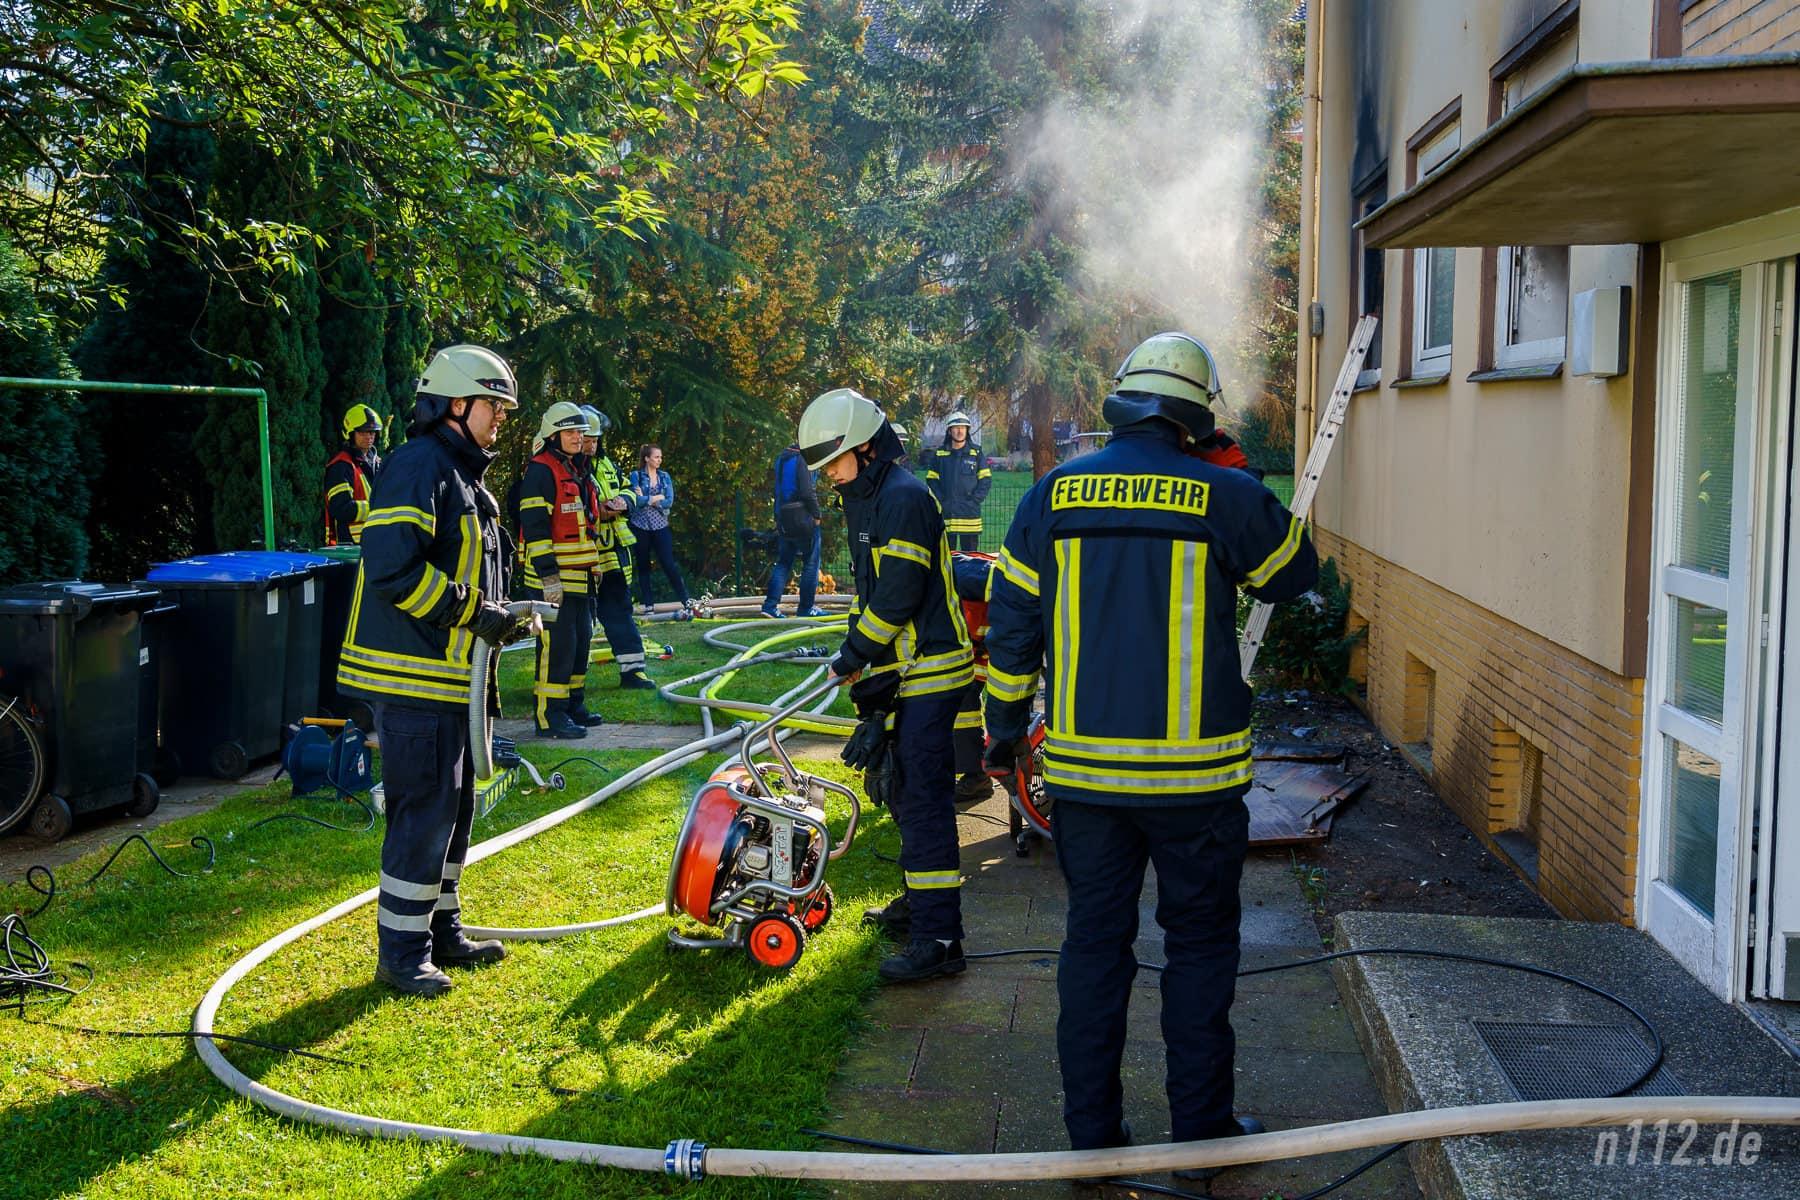 Mit einem Druckbelüfter, also was wie ein kraftvoller Ventilator, wurde der giftige Rauch aus der Wohnung und dem Treppenhaus geblasen (Foto: n112.de/Stefan Simonsen)